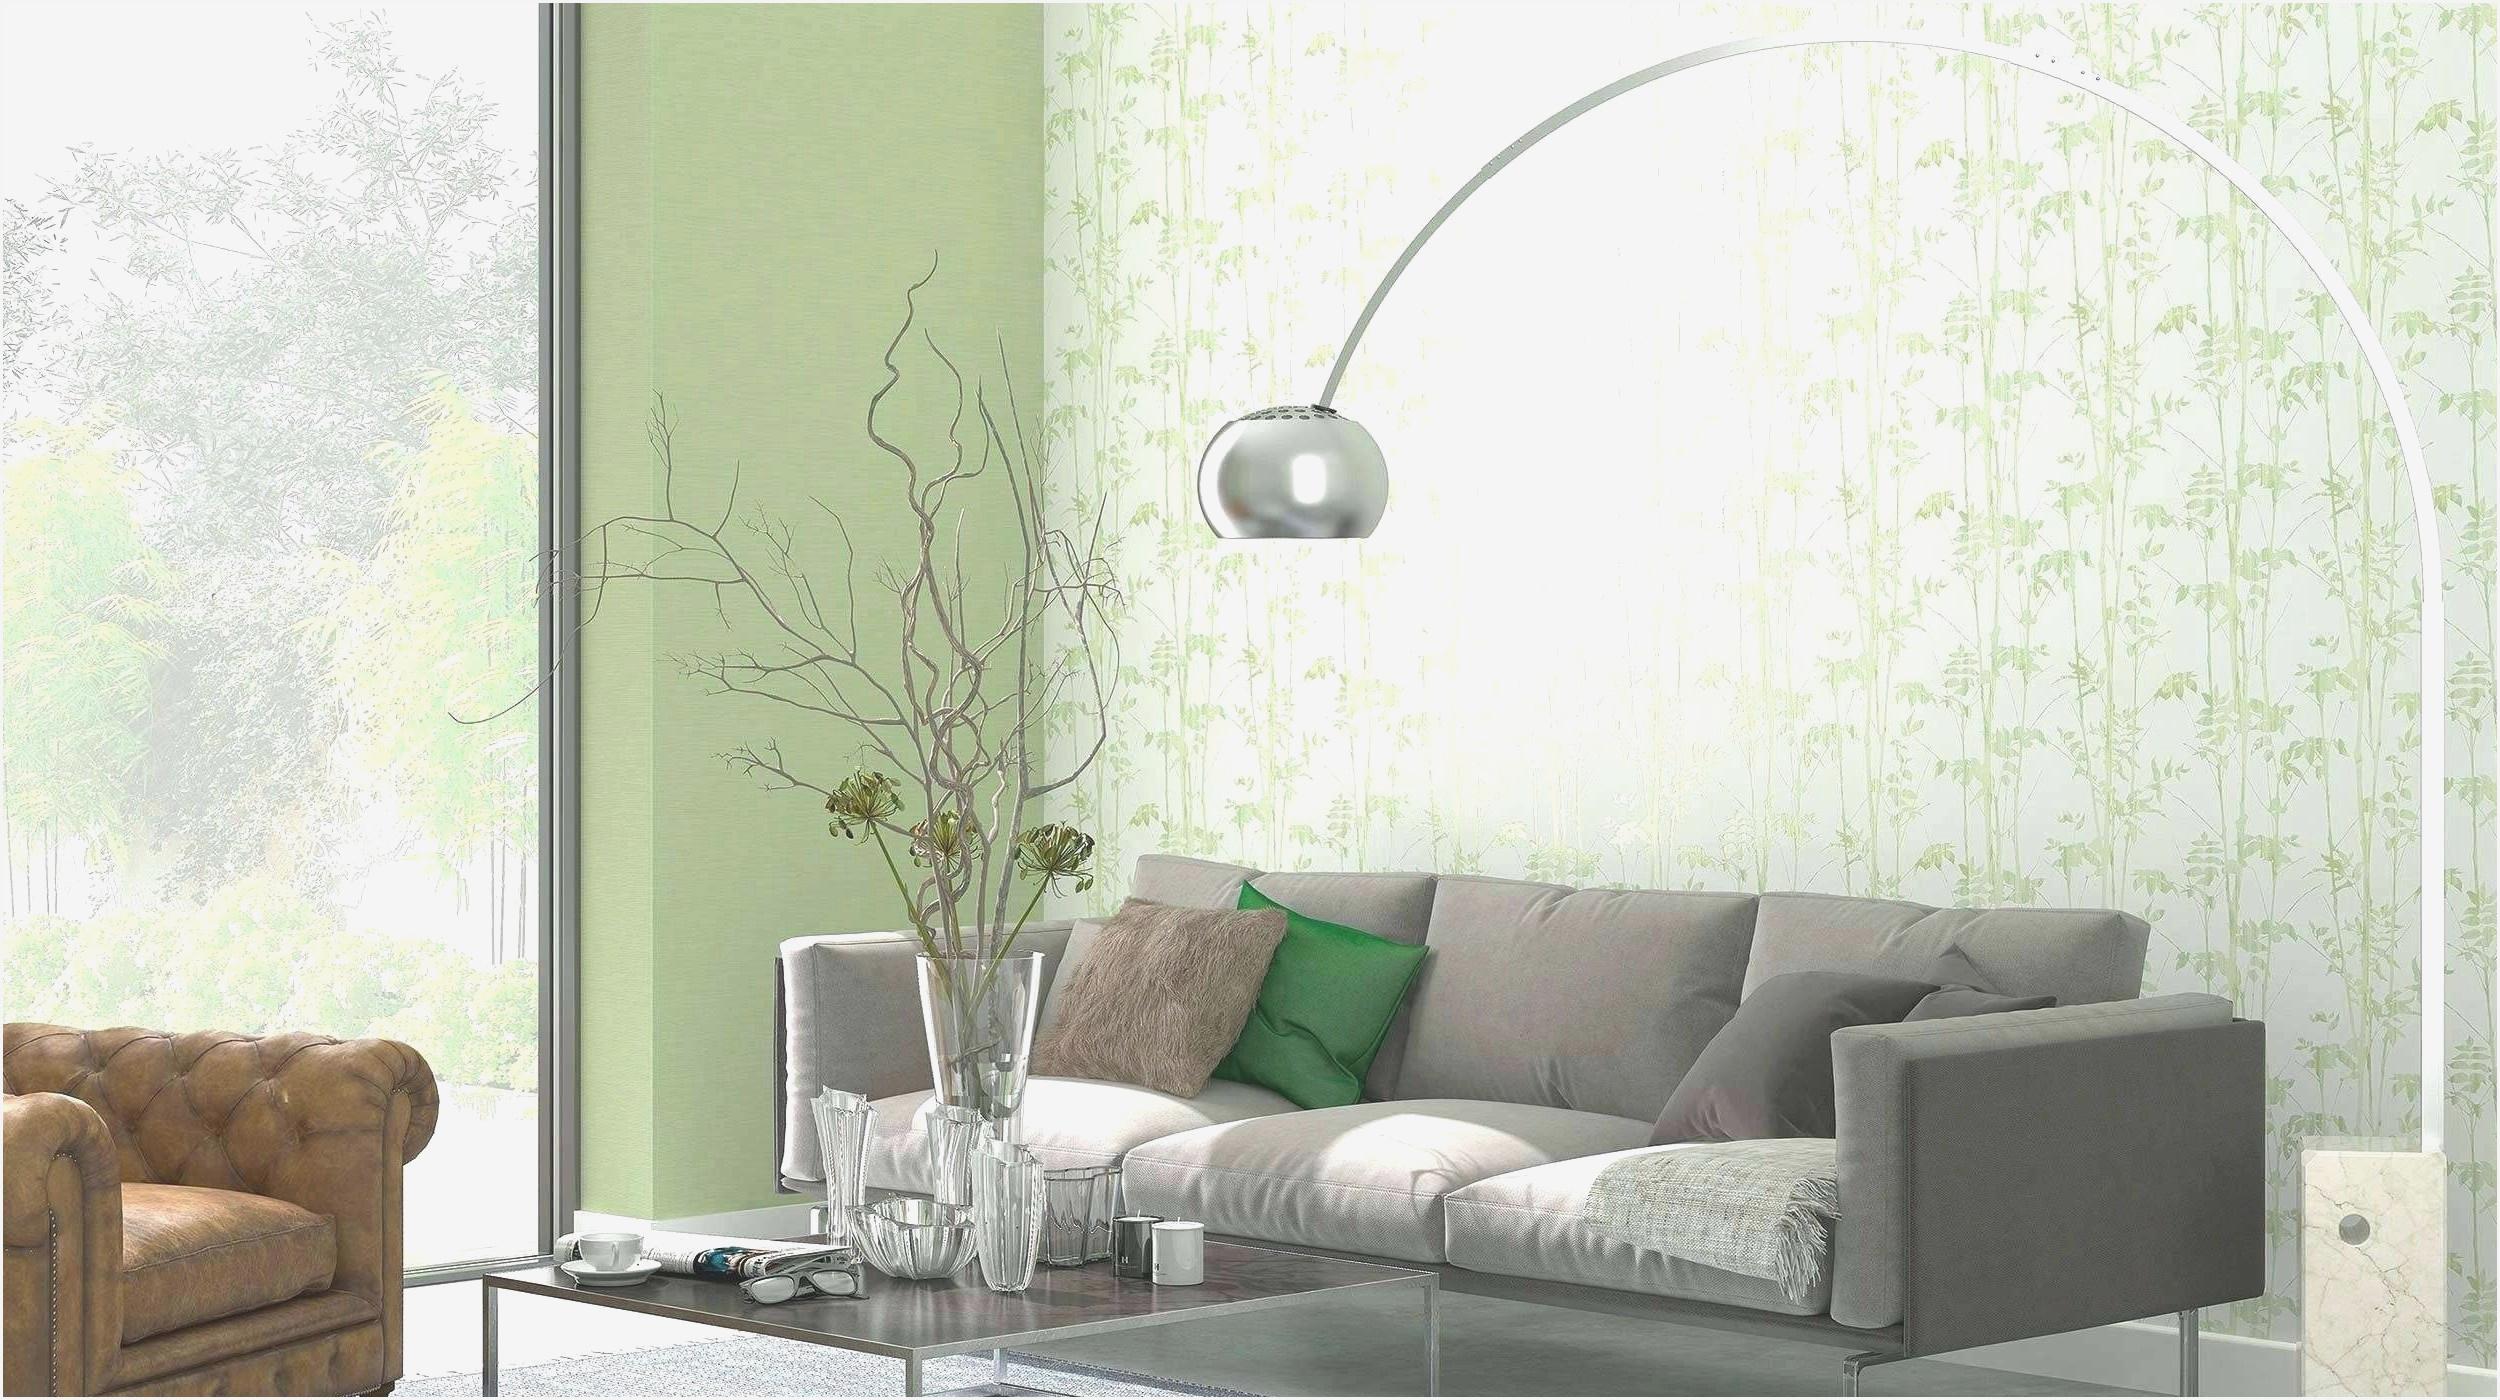 Baum Deko Garten Luxus Diy Ideen Wand Deko Wohnzimmer Wohnzimmer Traumhaus